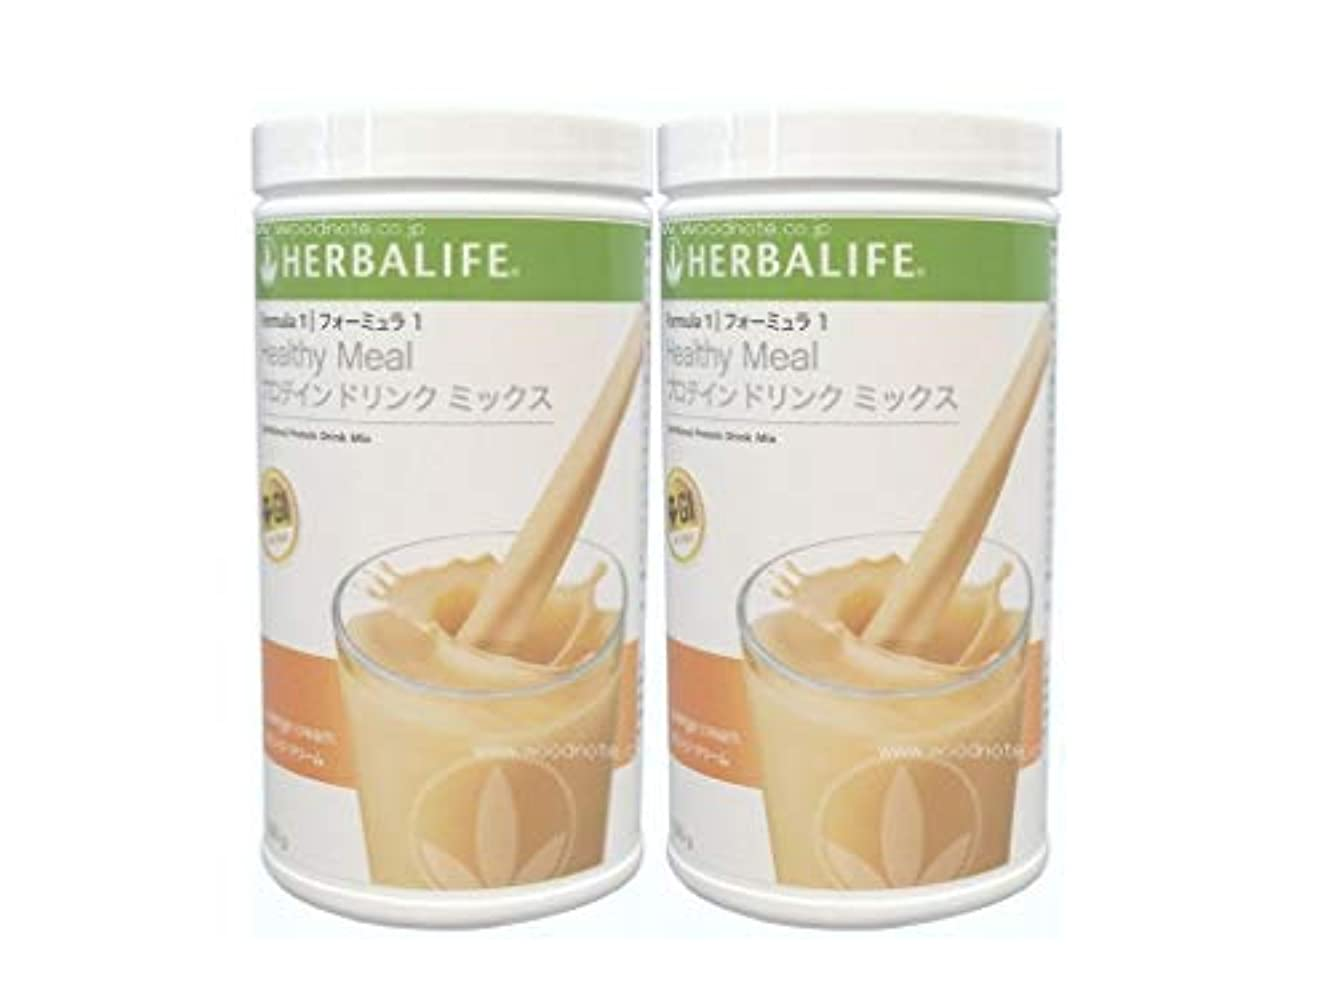 海裁判所保証金ハーバライフ フォーミュラ1プロテインドリンクミックス- オレンジクリーム味 2本セット